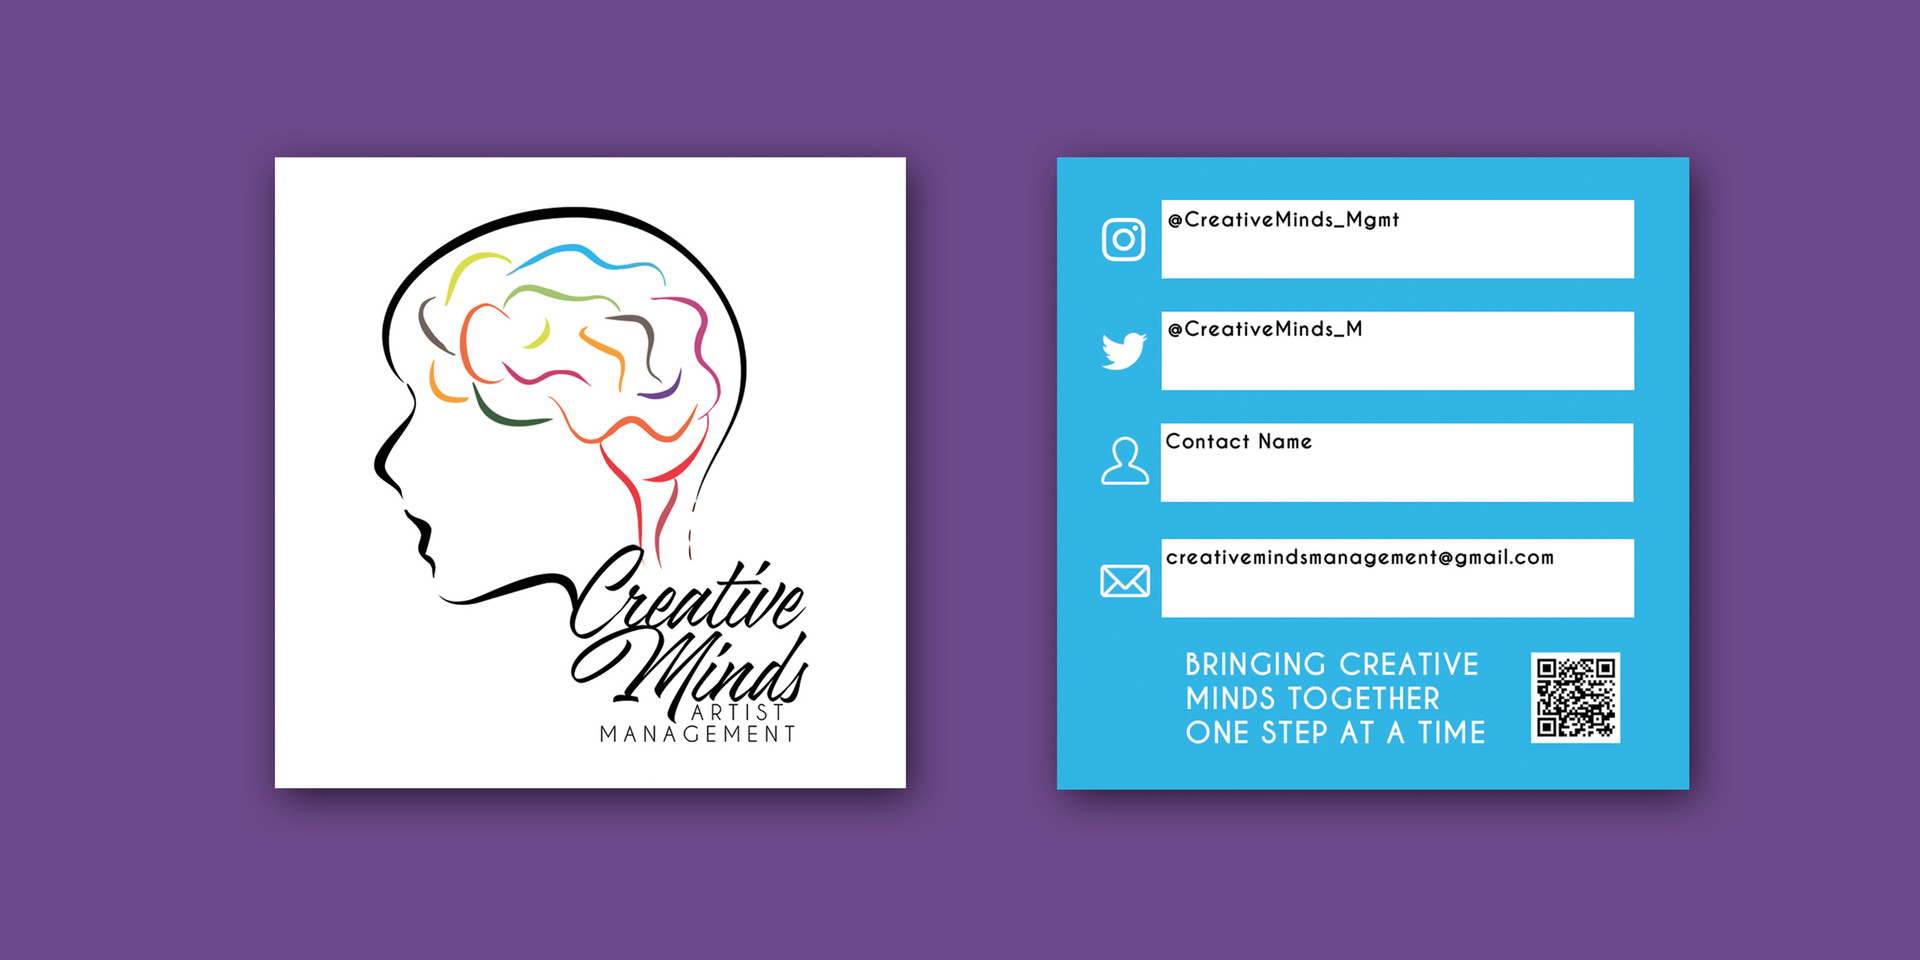 Creative Minds Artist Management